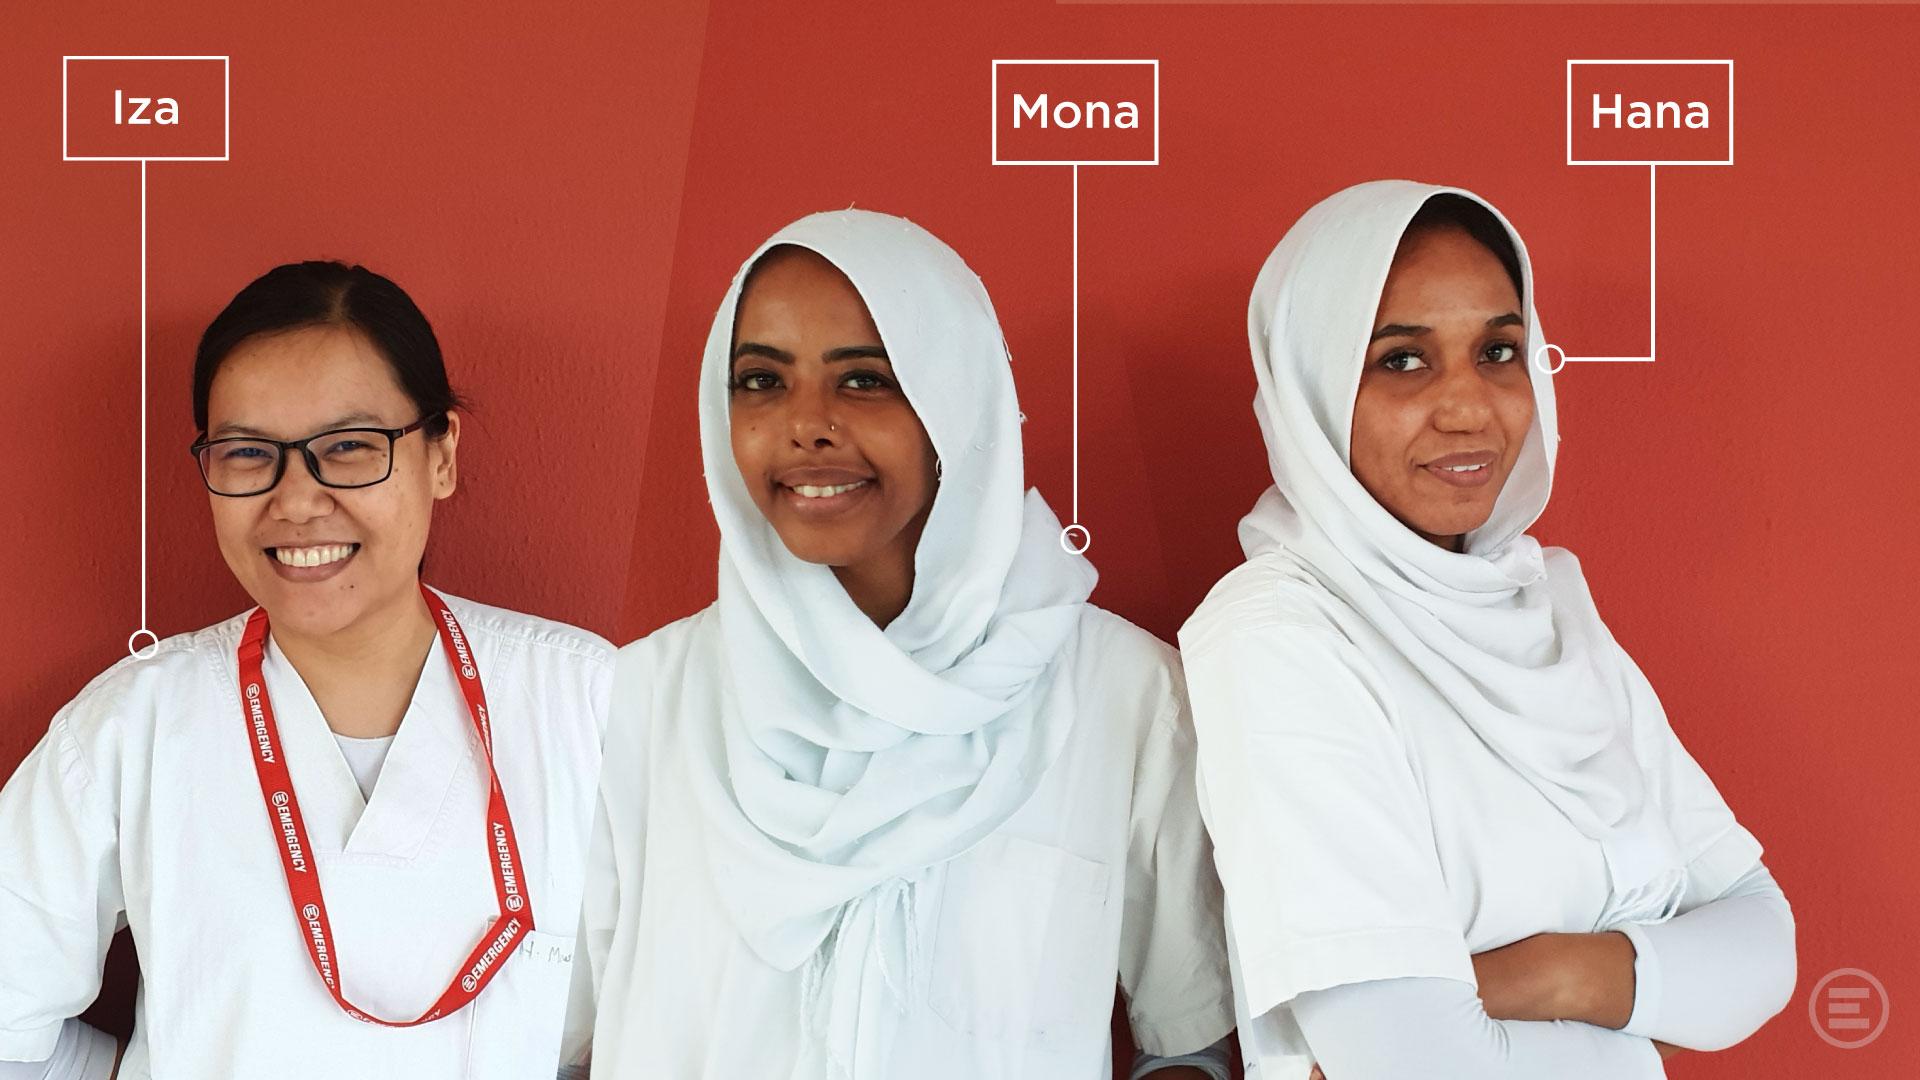 Mona, Hana e Iza, tre farmaciste del Centro di cardiochirurgia di EMERGENCY in Sudan